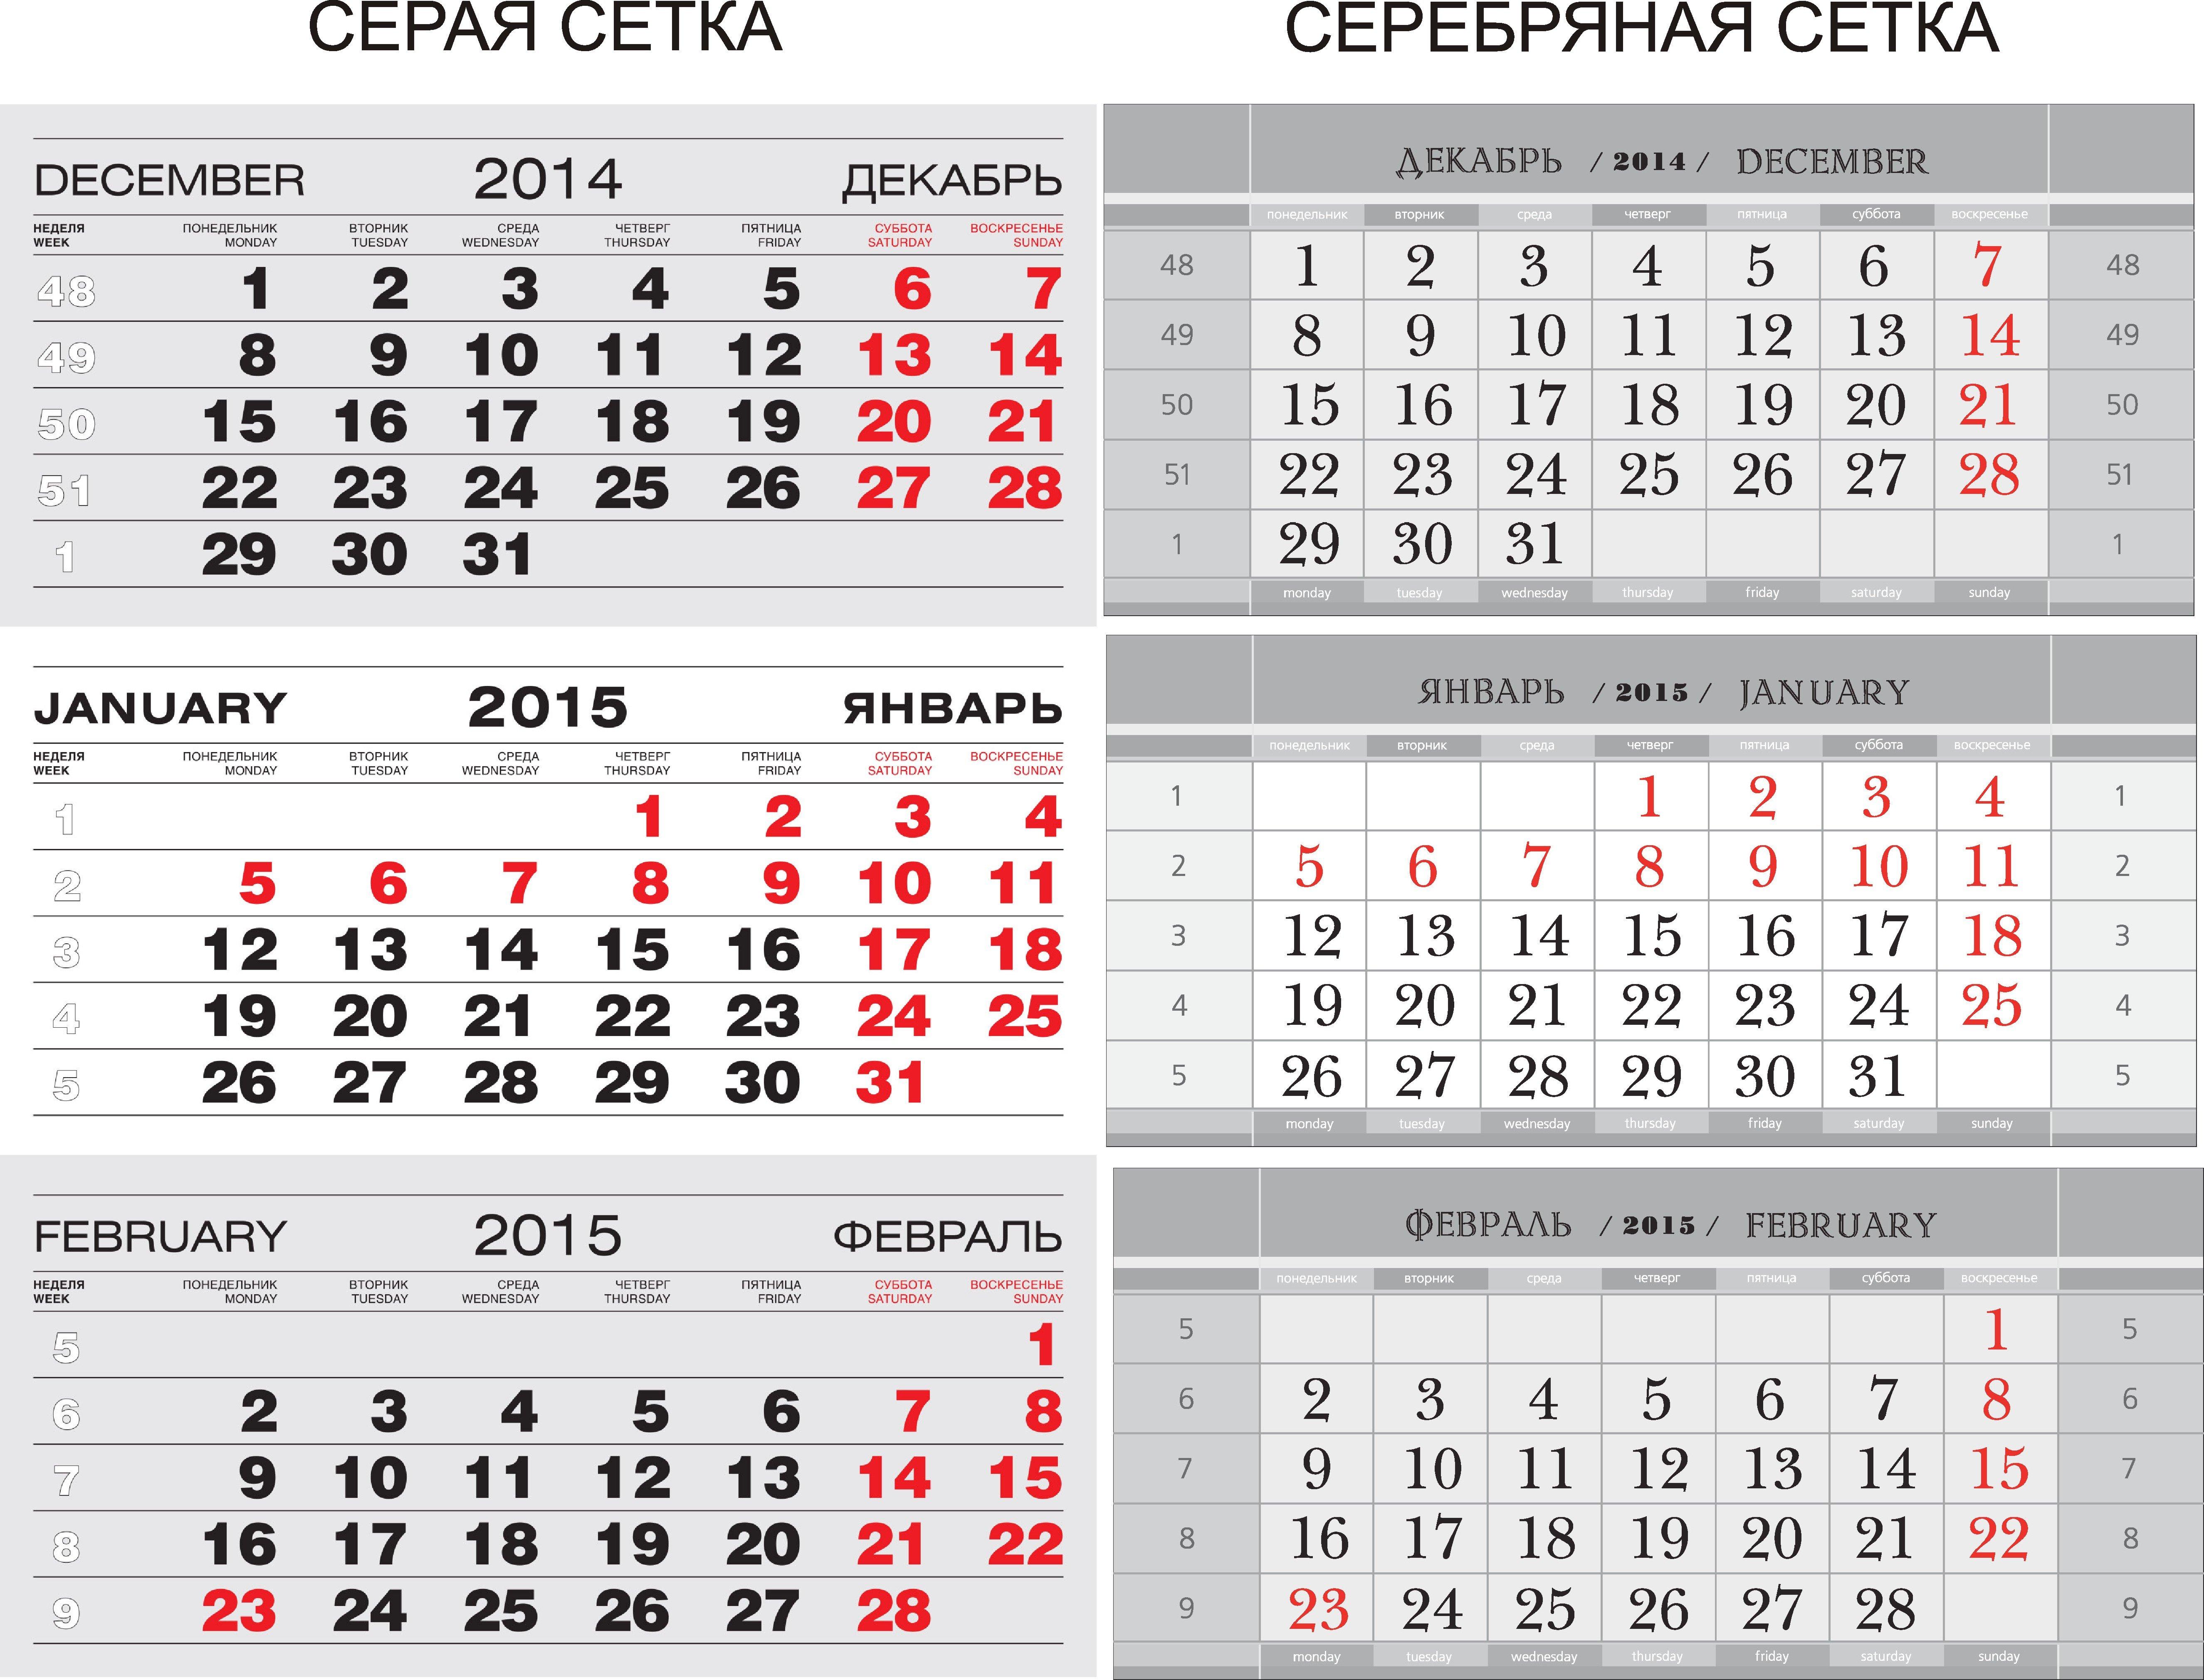 резюме бланк для заполнения 2015 образец